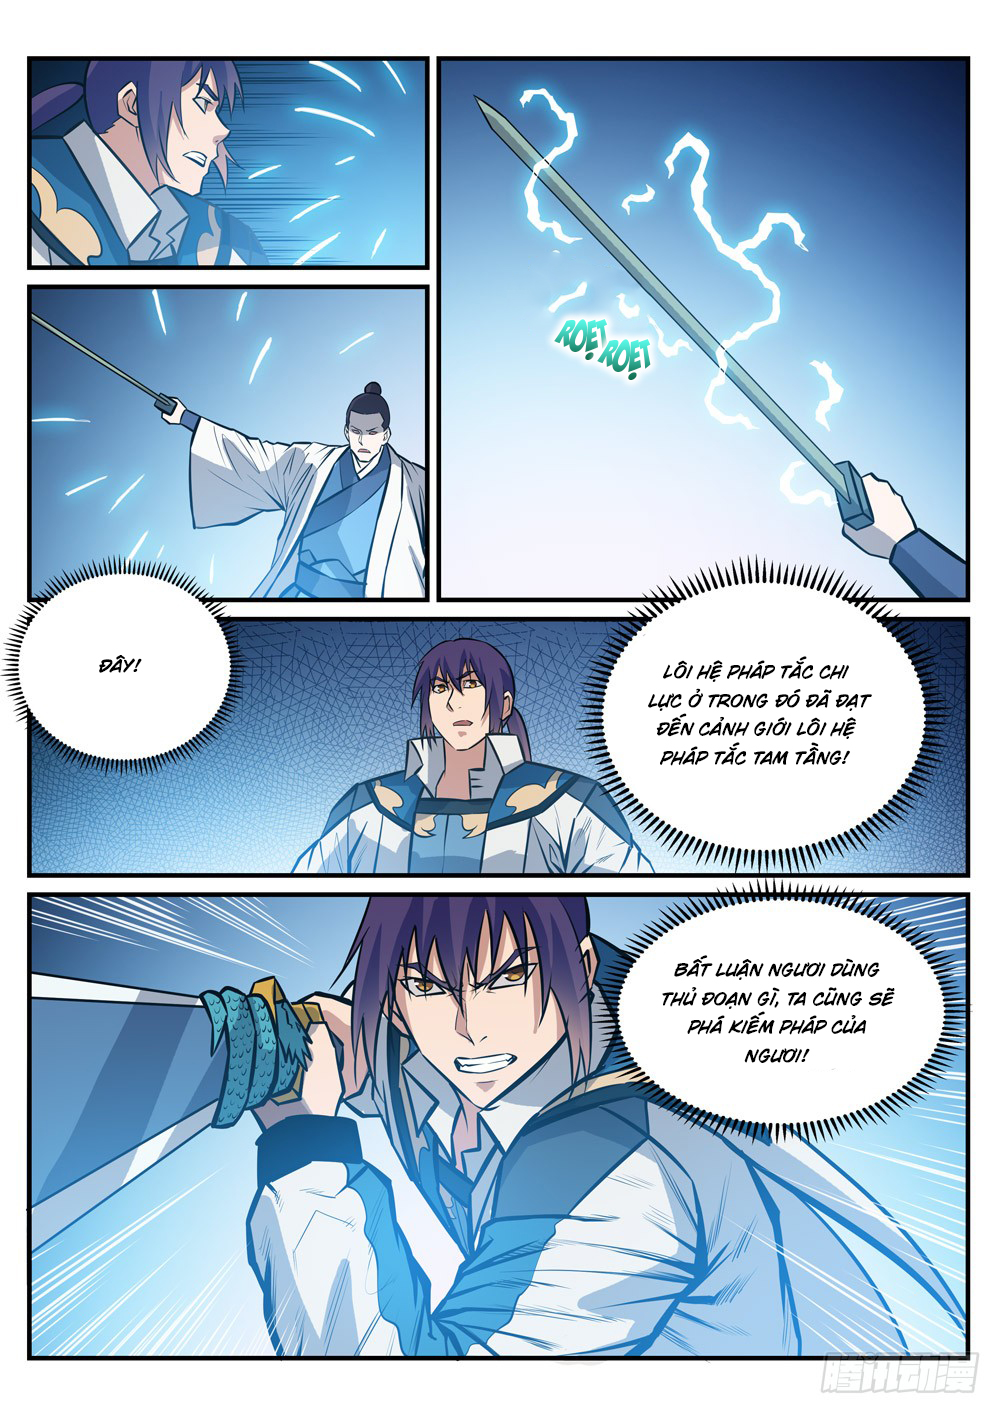 Bách Luyện Thành Thần Chapter 250 - Hamtruyen.vn